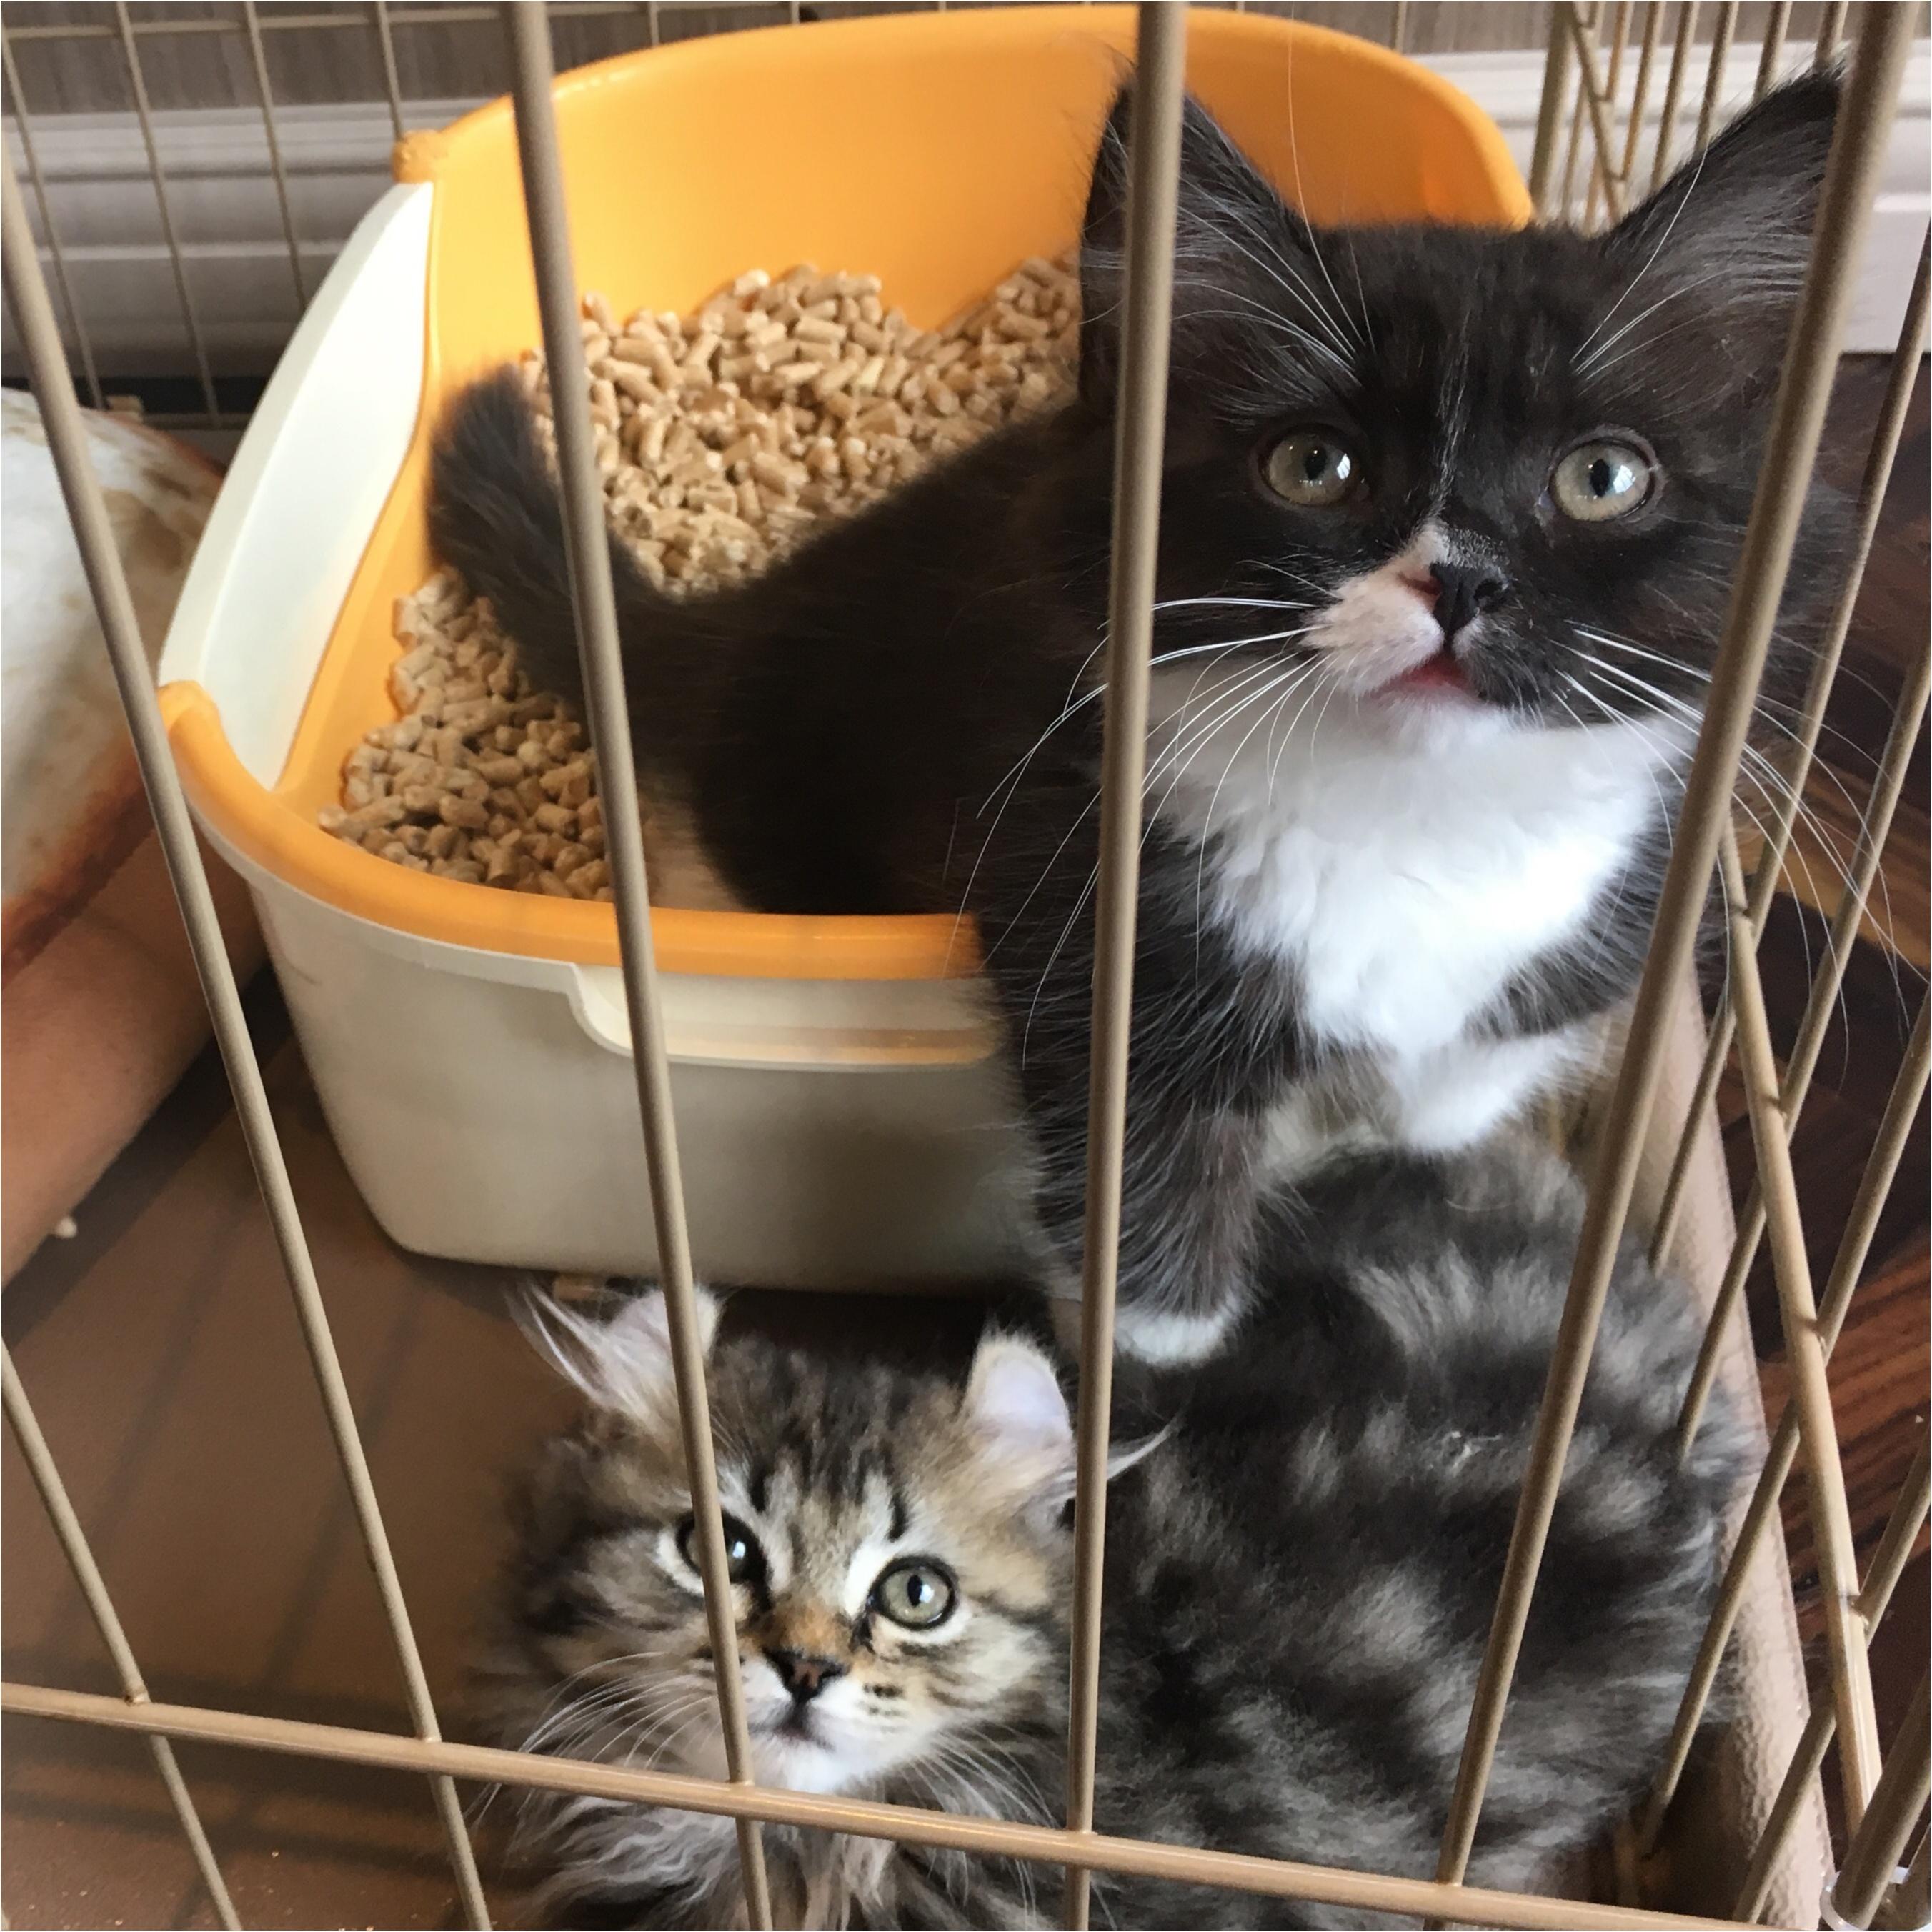 【猫カフェ】渋谷で癒しの猫カフェ♡今ならカワイイ子猫にも会えちゃう♪_11